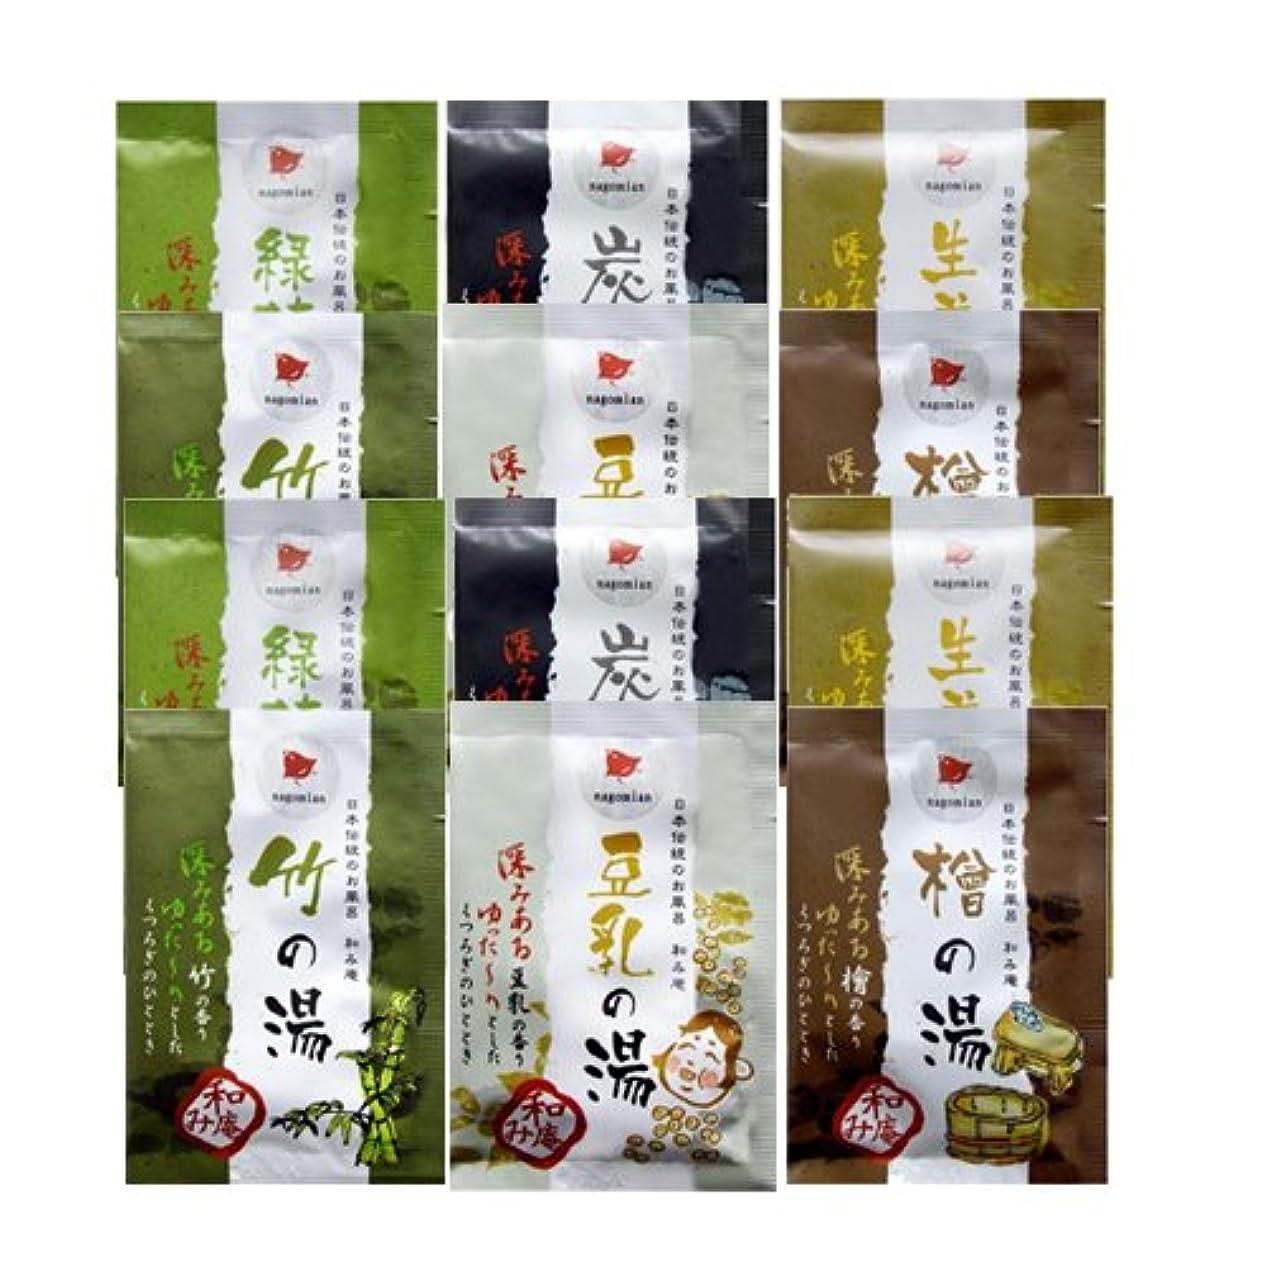 額黒板単調な日本伝統のお風呂 和み庵 6種類×2個セット(計12包)